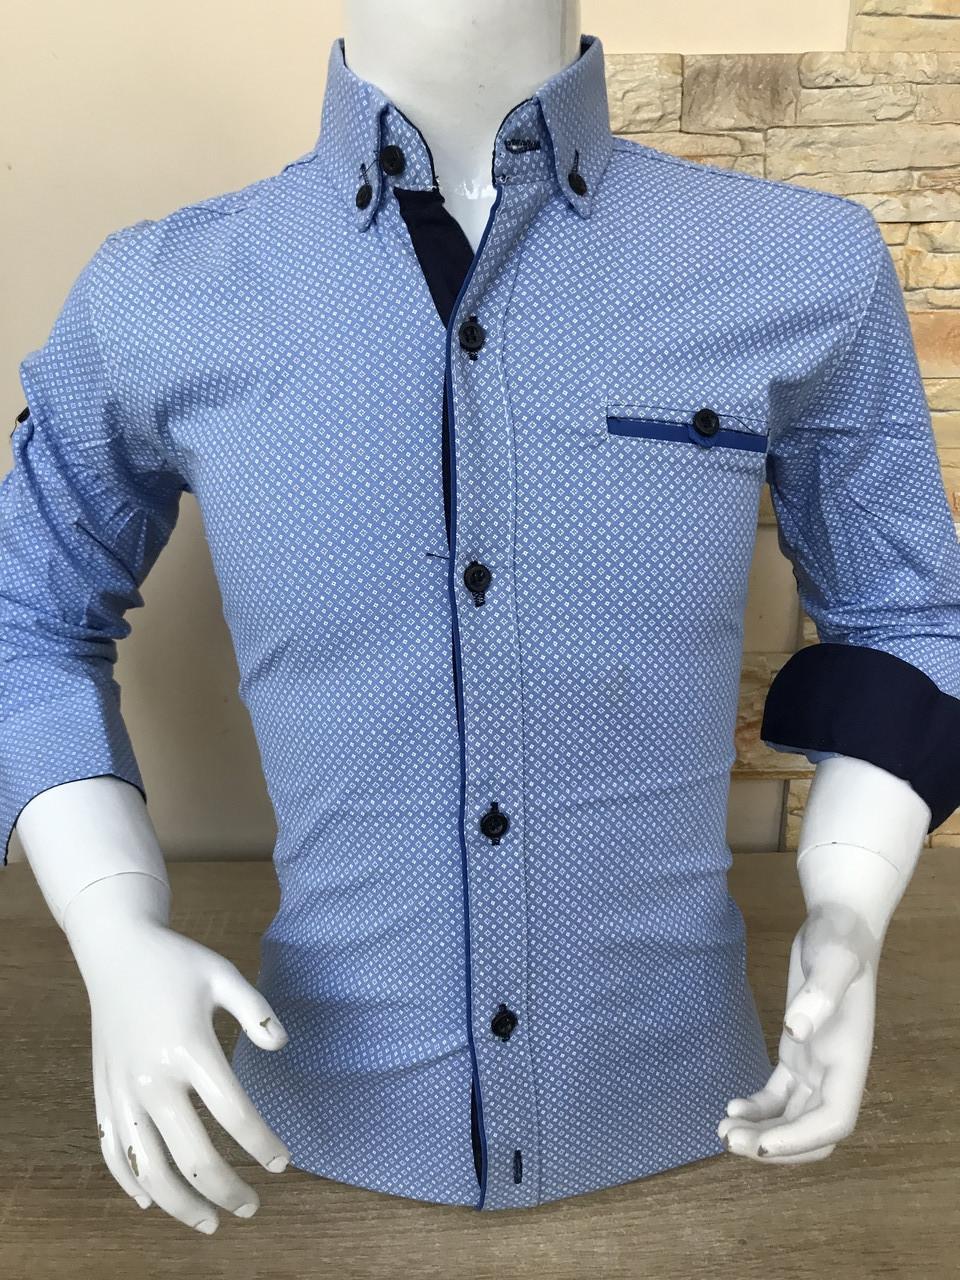 Акция!!! Детская рубашка X-port с принтом, пуговица (7-12лет)